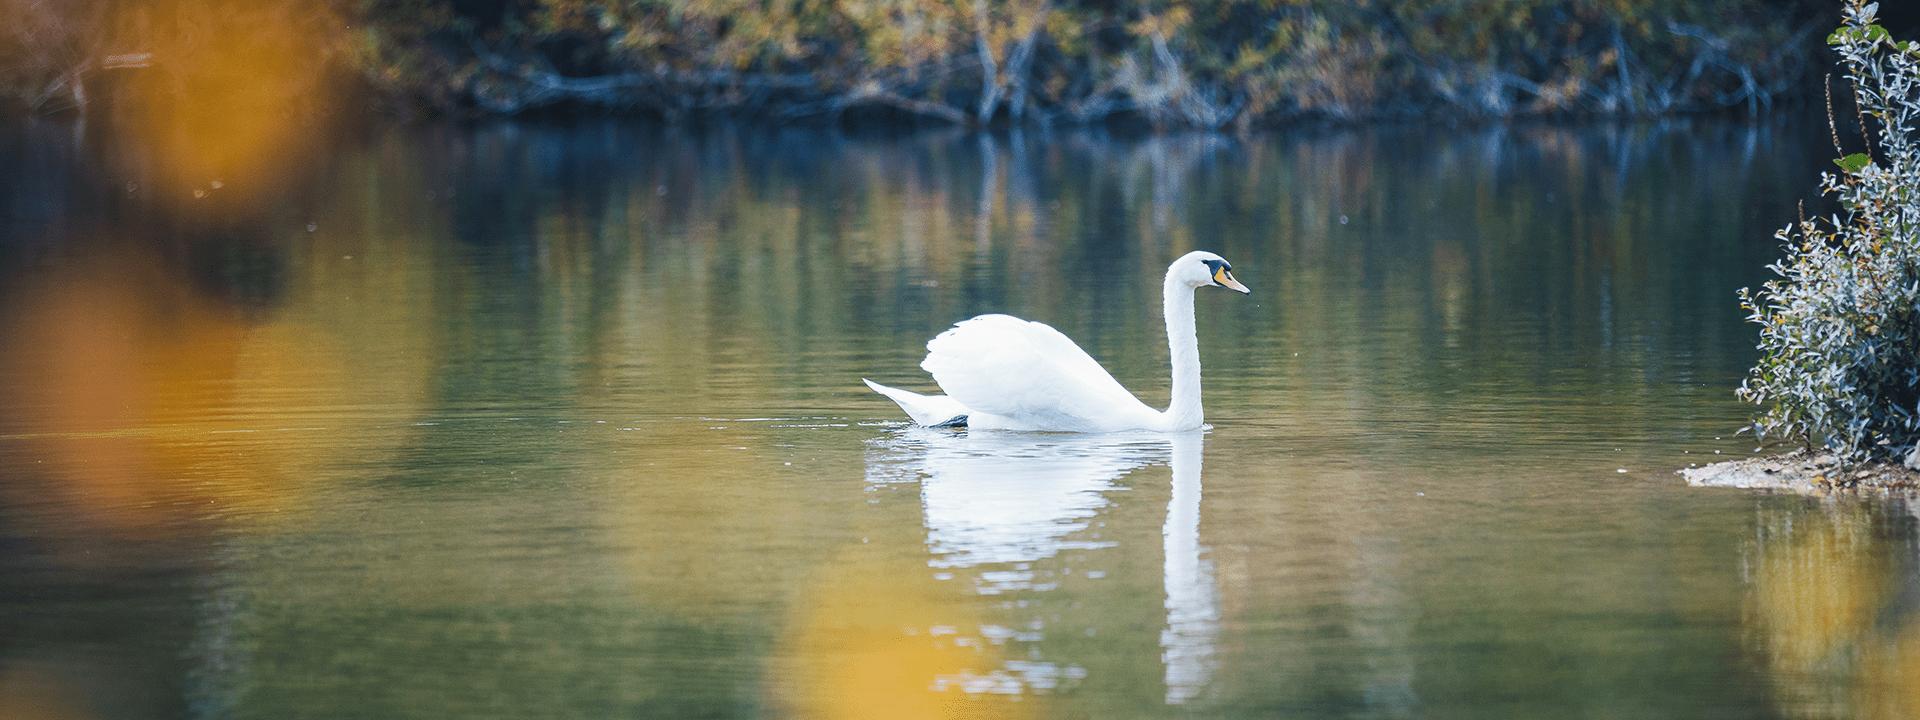 Cygne sur un étang au parc de Livry